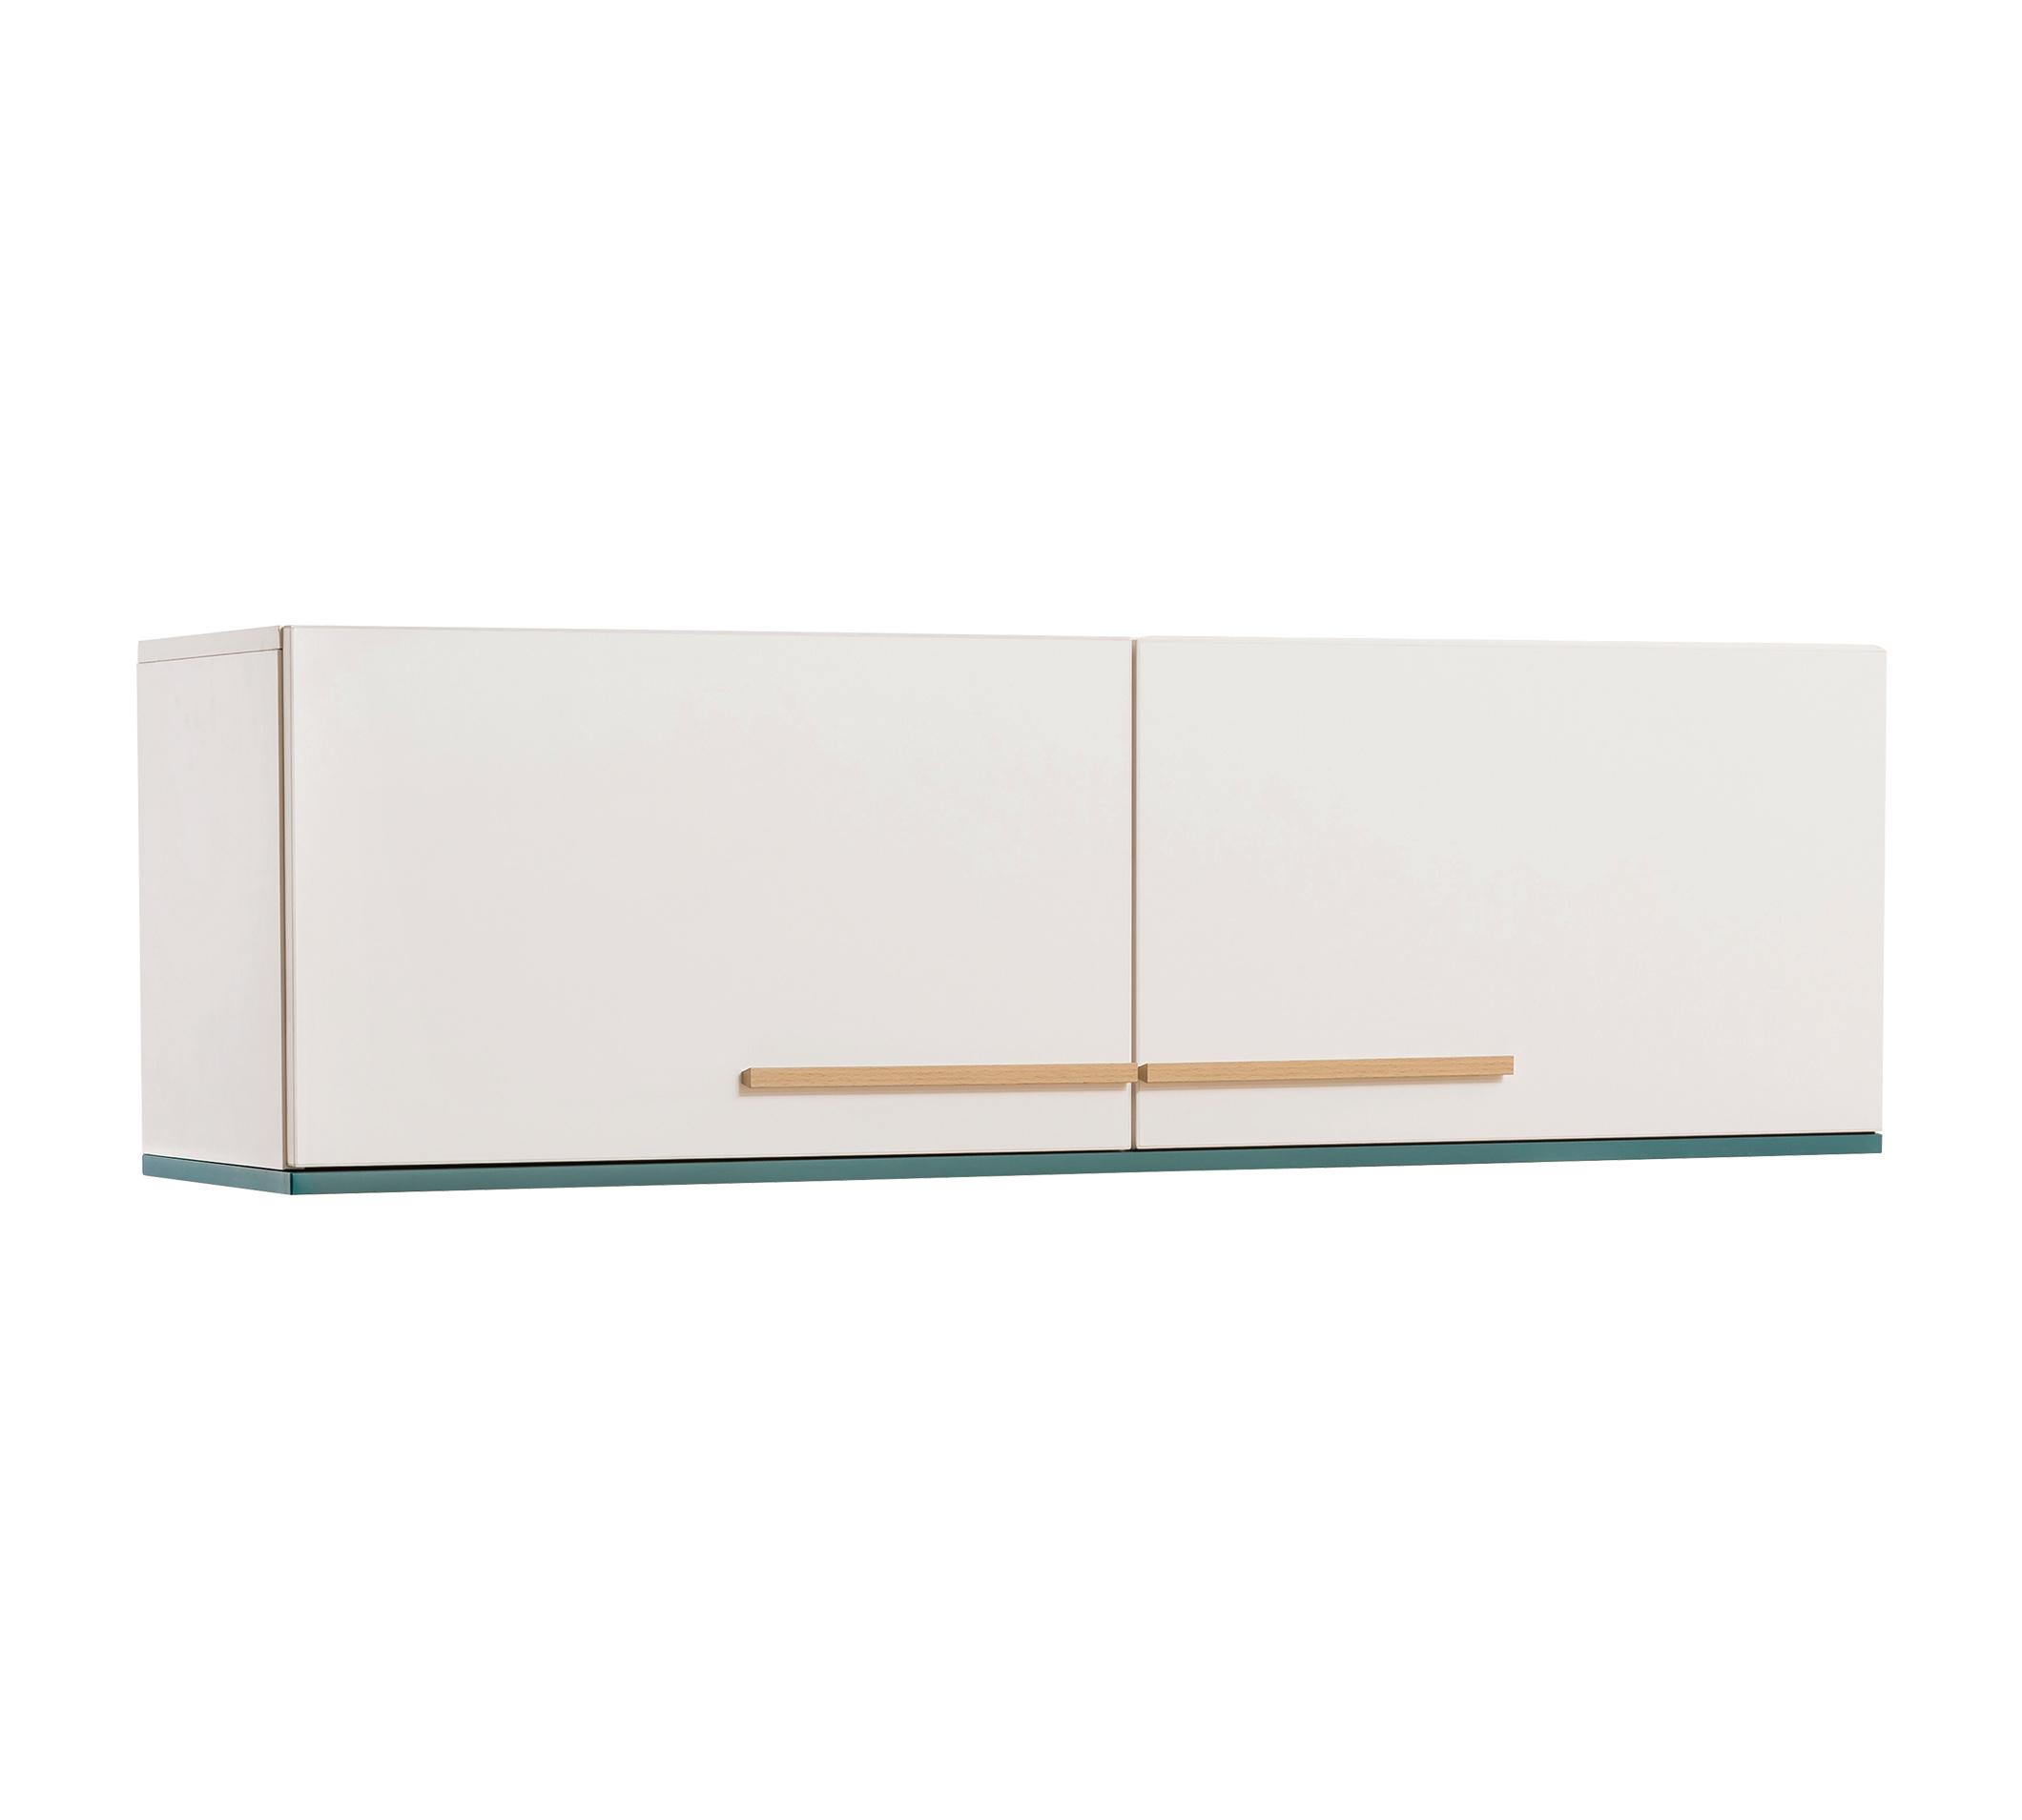 Купить Надстройка Cilek Lofter письменному столу, с дверцей, Аксессуары для детской комнаты